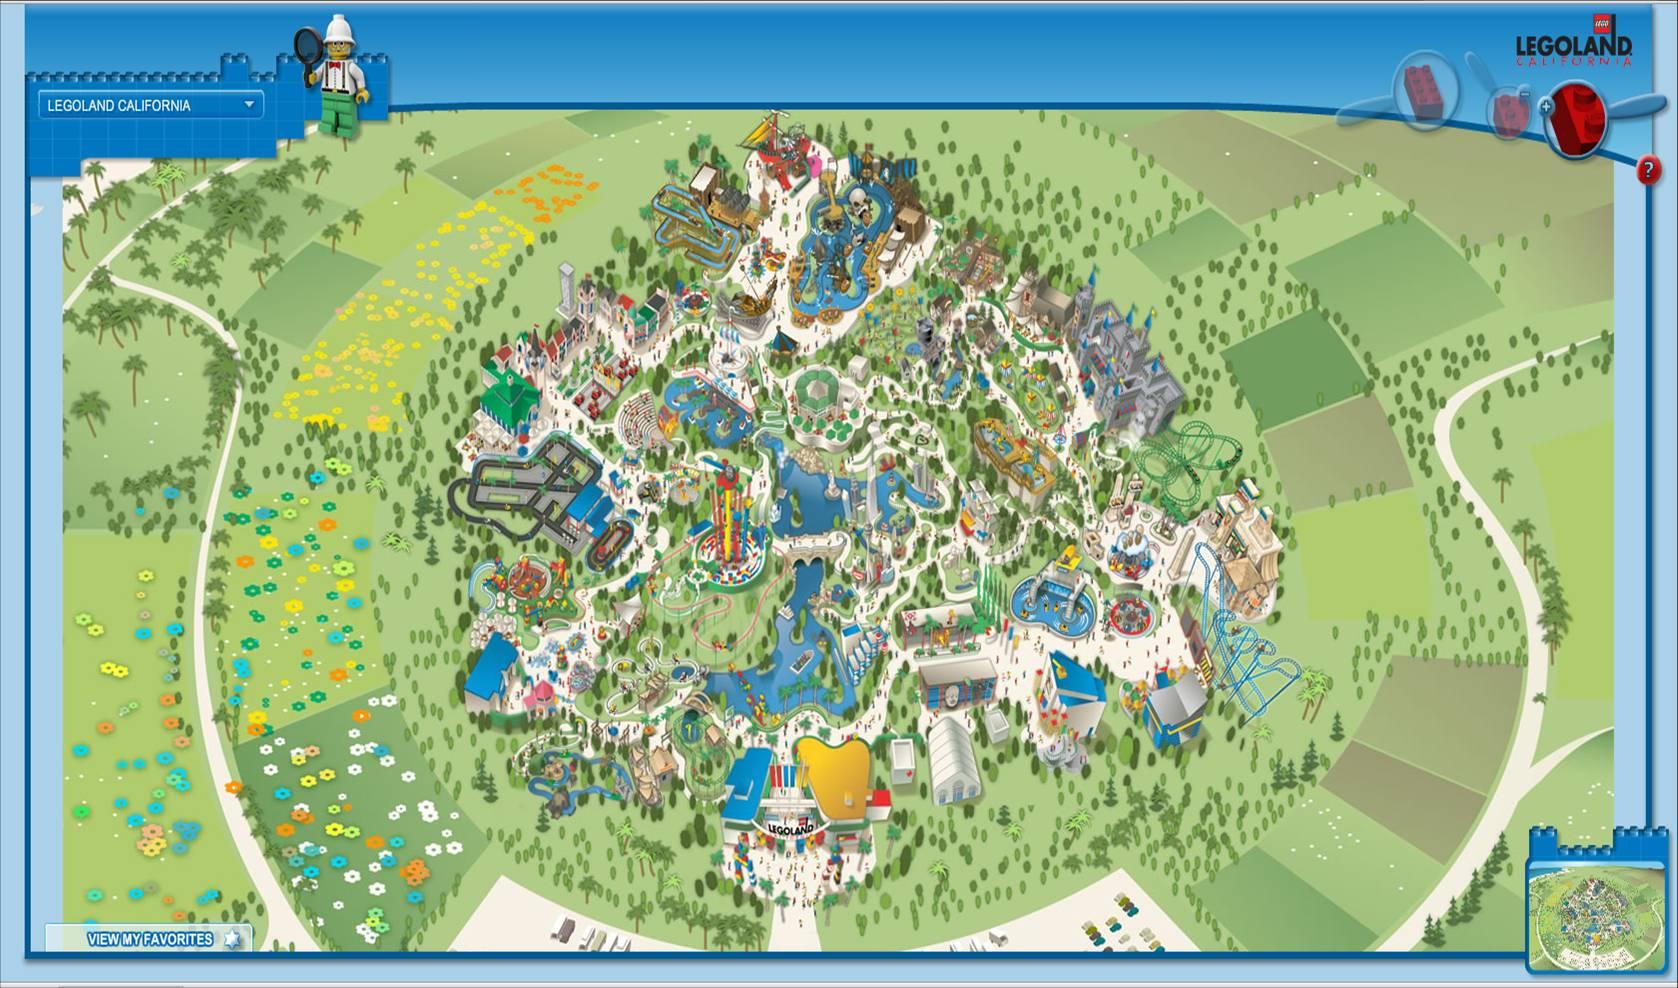 Legoland California Review